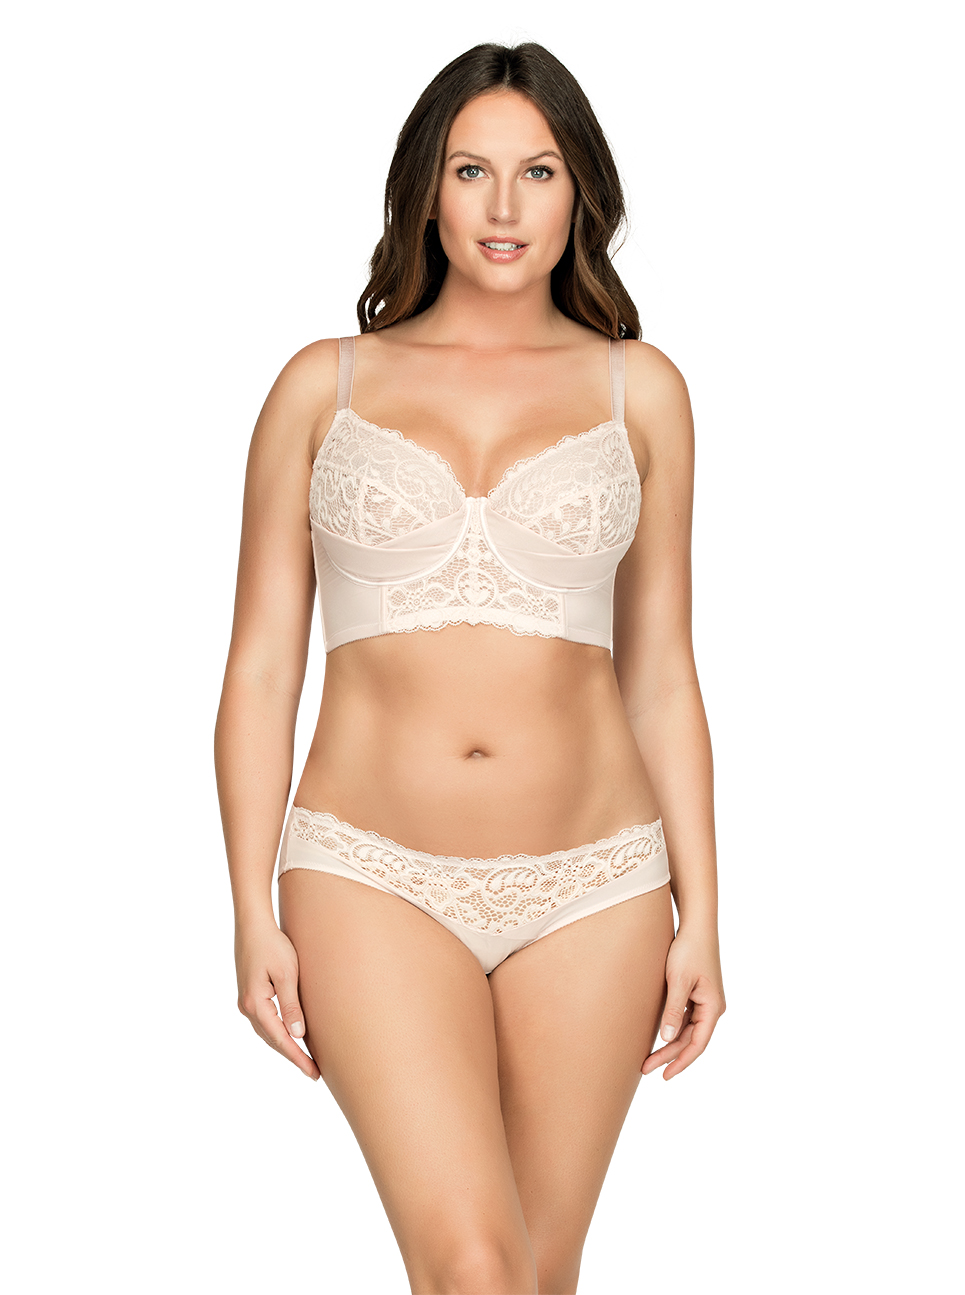 PARFAIT Cora UnlinedLonglineBraP5632 BikiniP5633 Front - Cora Bikini - Pale Blush - P5633